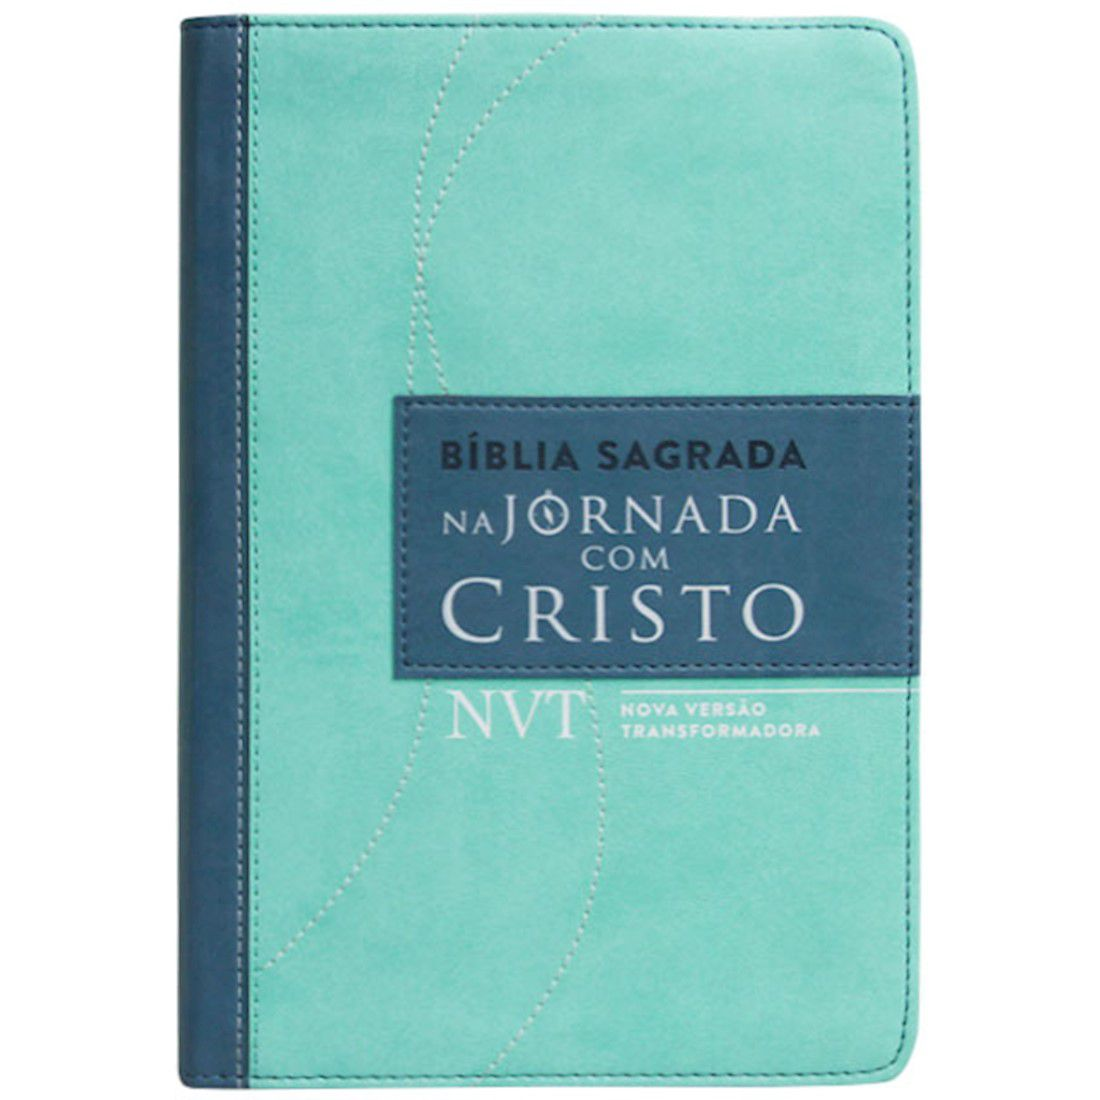 Bíblia Sagrada  Na Jornada com Cristo NVT